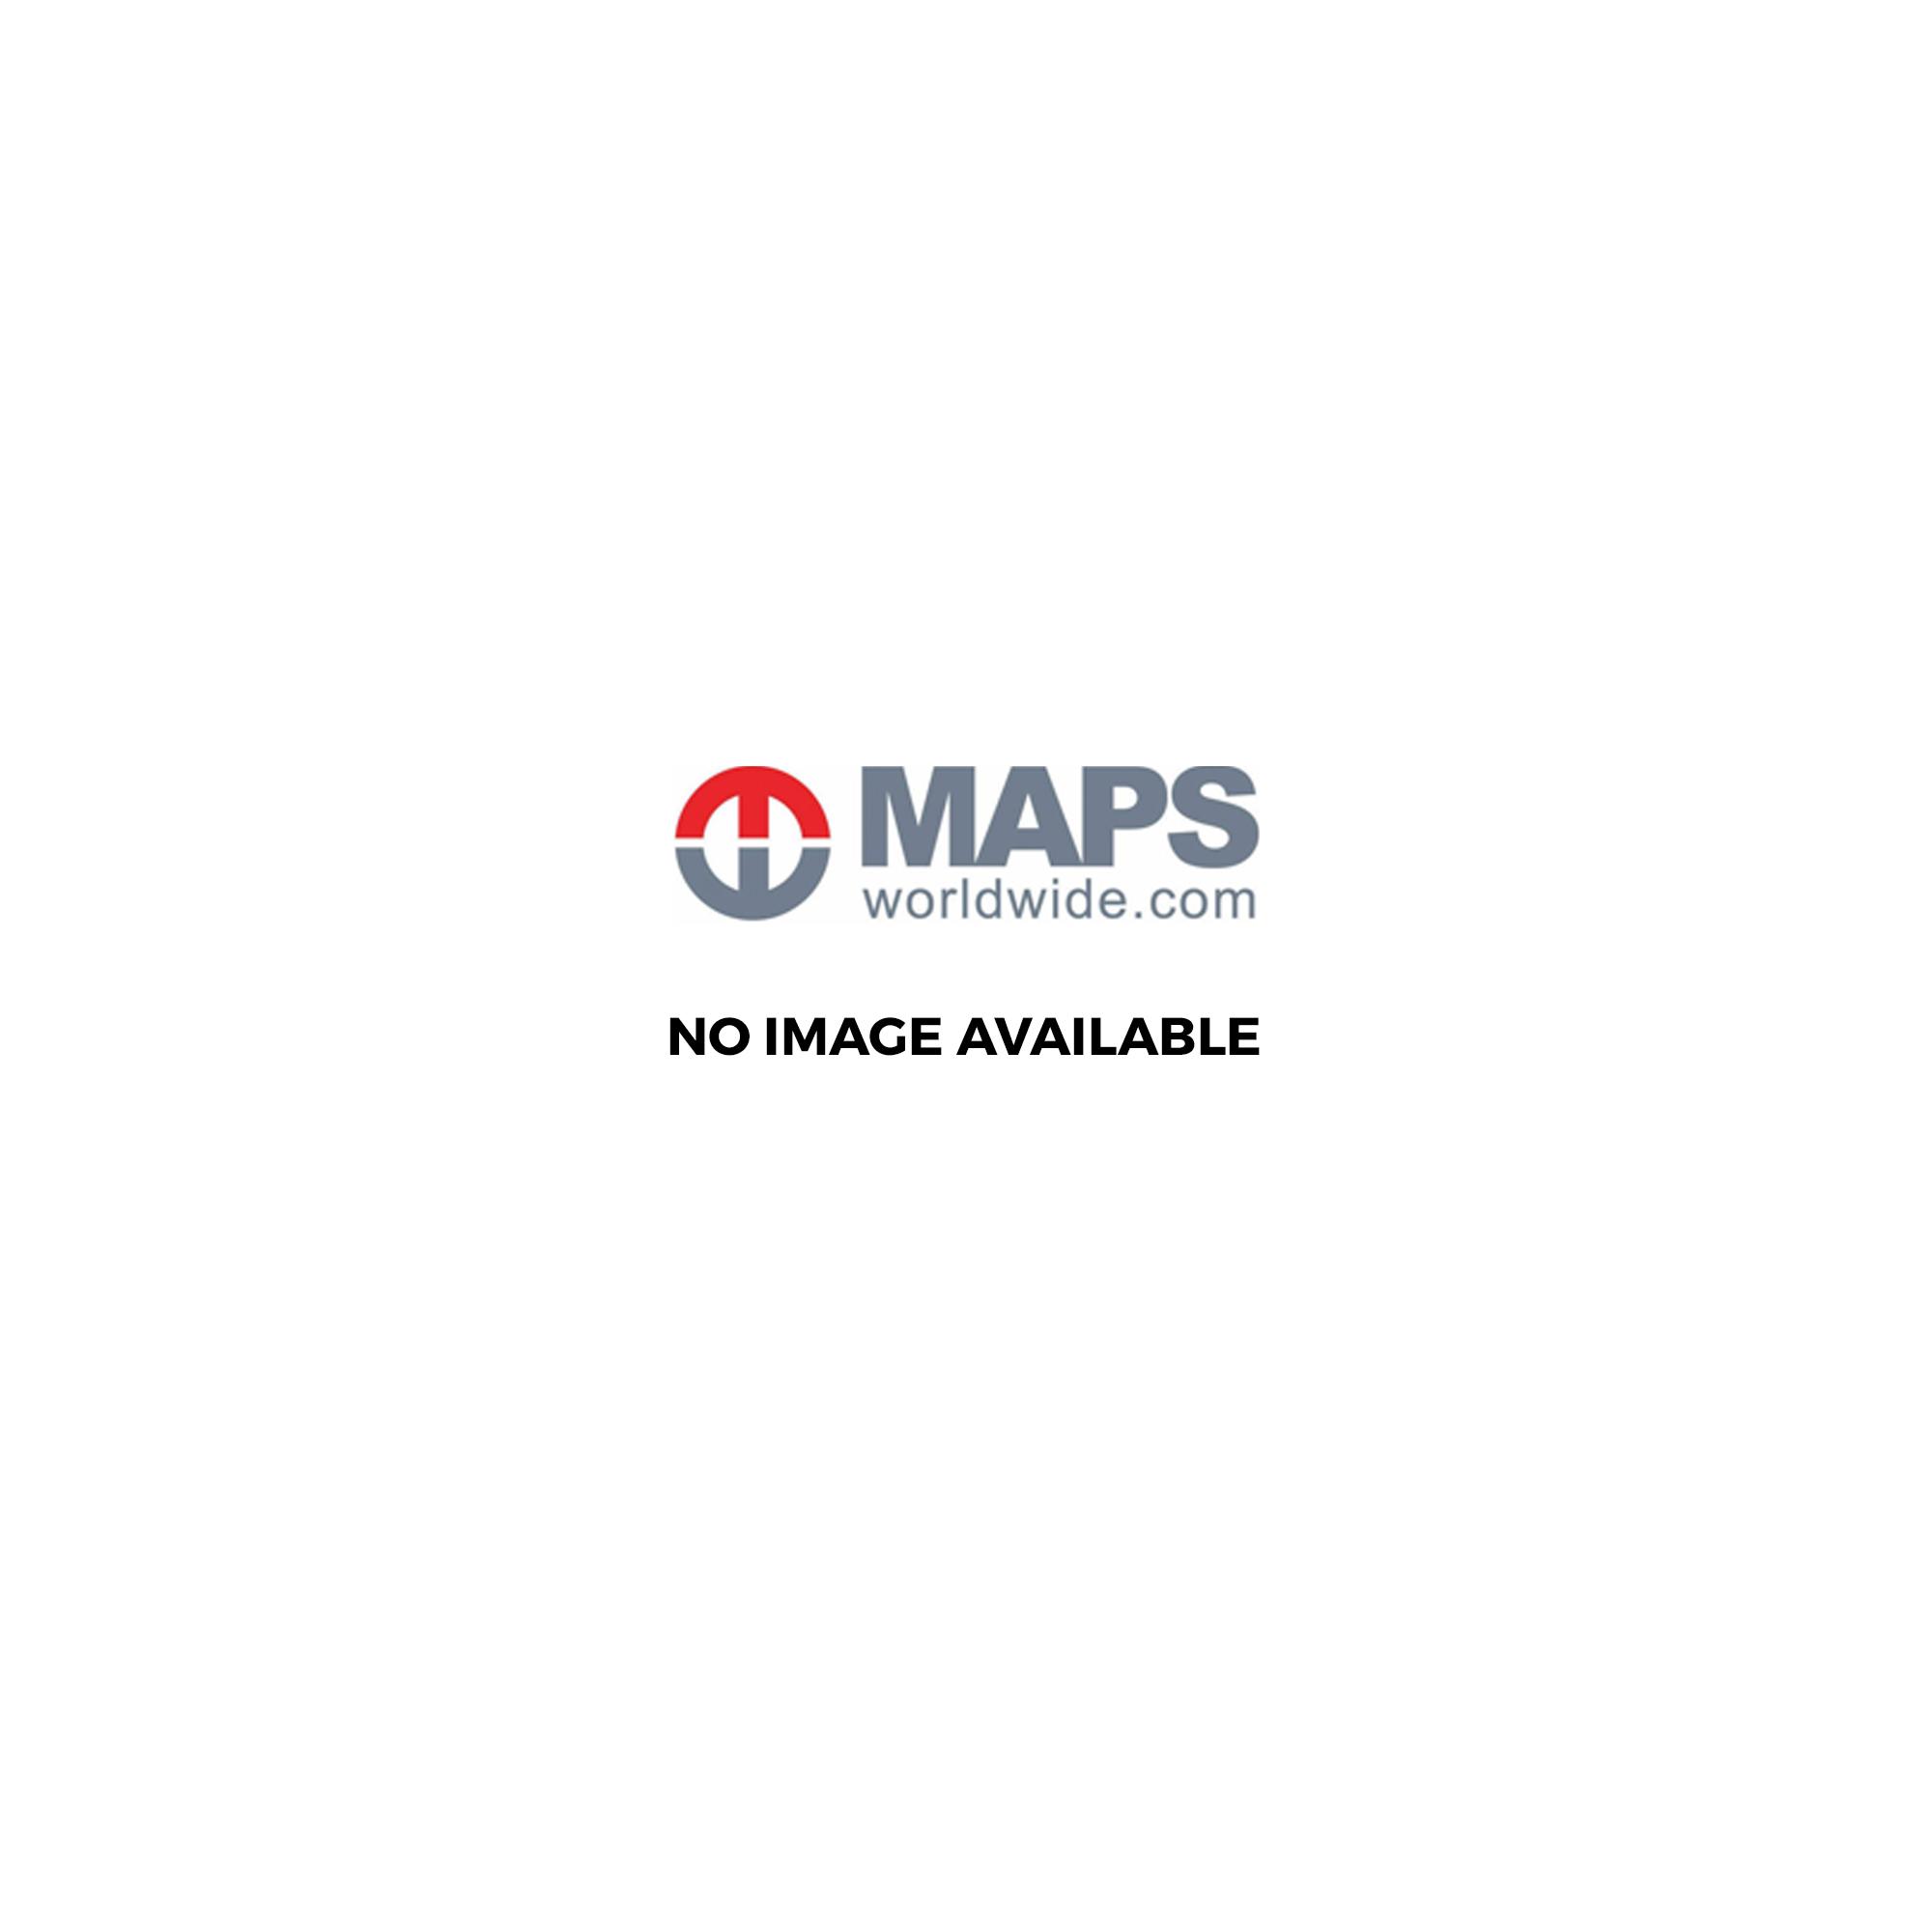 Les Monts de Vaucluse à pied | FFR P842 on provence map, digne-les-bains map, nain map, condell park map, rockdale map, mondragon map, leeds castle map, corse map, mascot map, beacon hill map, newcastle map, sydney central business district map, aquitaine map, loir et cher map, loire map, riverstone map, lot map, bonnieux map, luberon map, aubagne map,